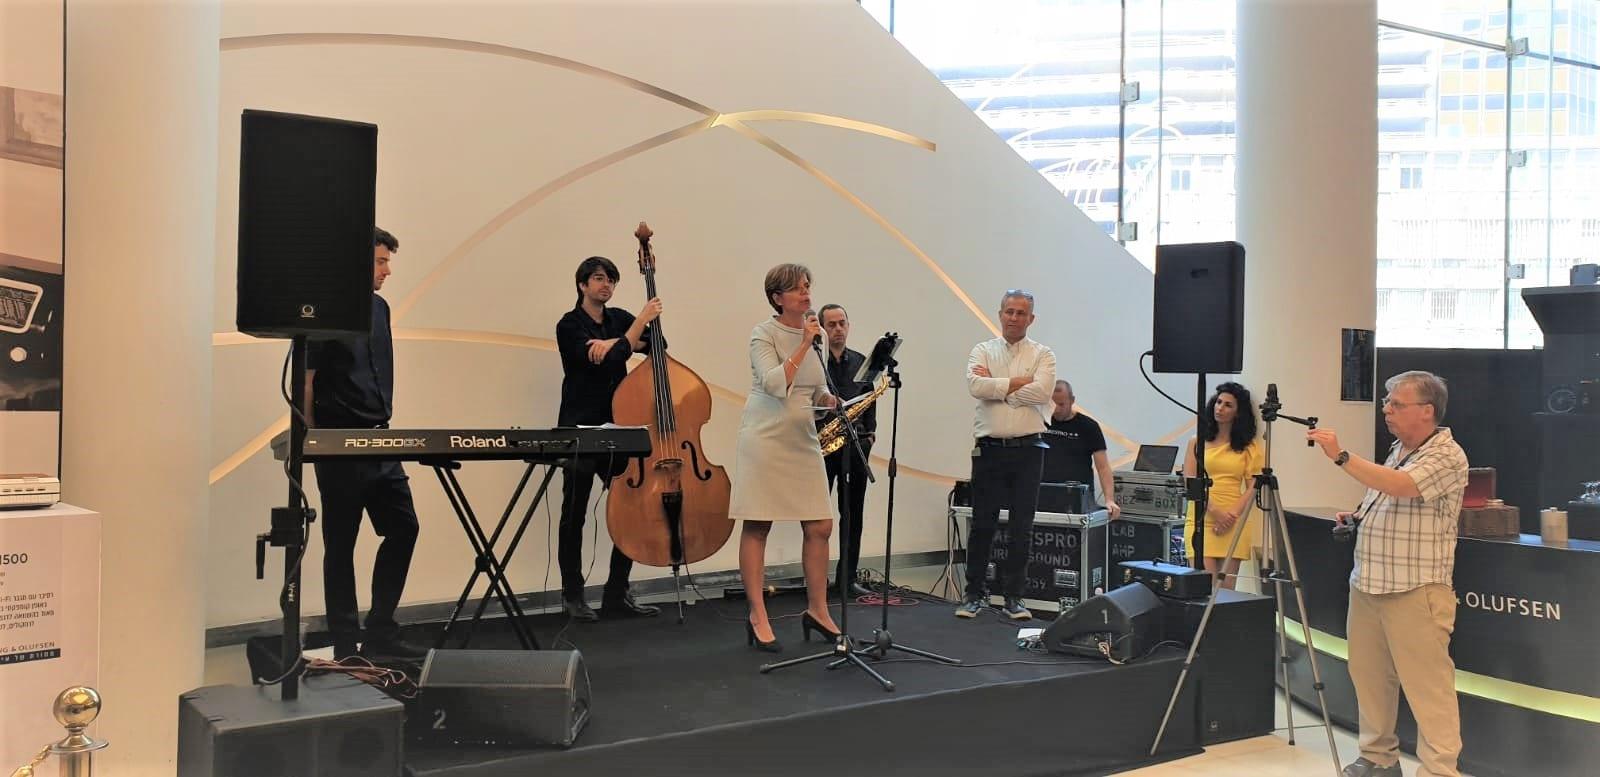 שגרירת דנמרק בישראל בטקס פתיחת חנות הדגל של B&O בישראל